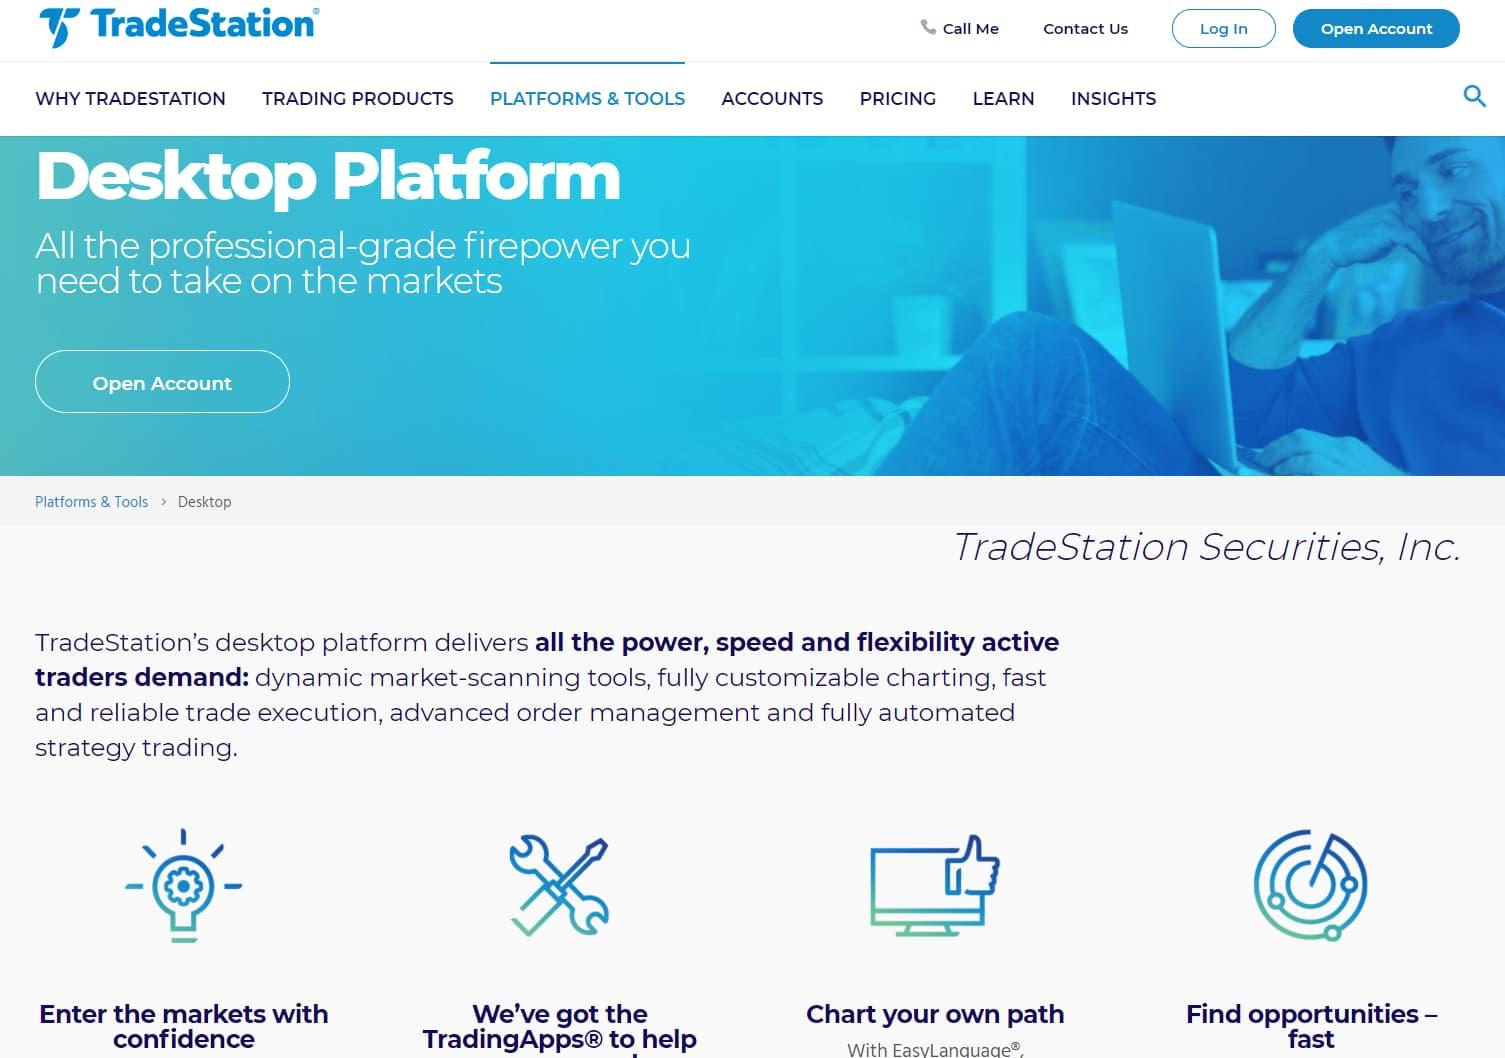 tradestation desktop trading platform